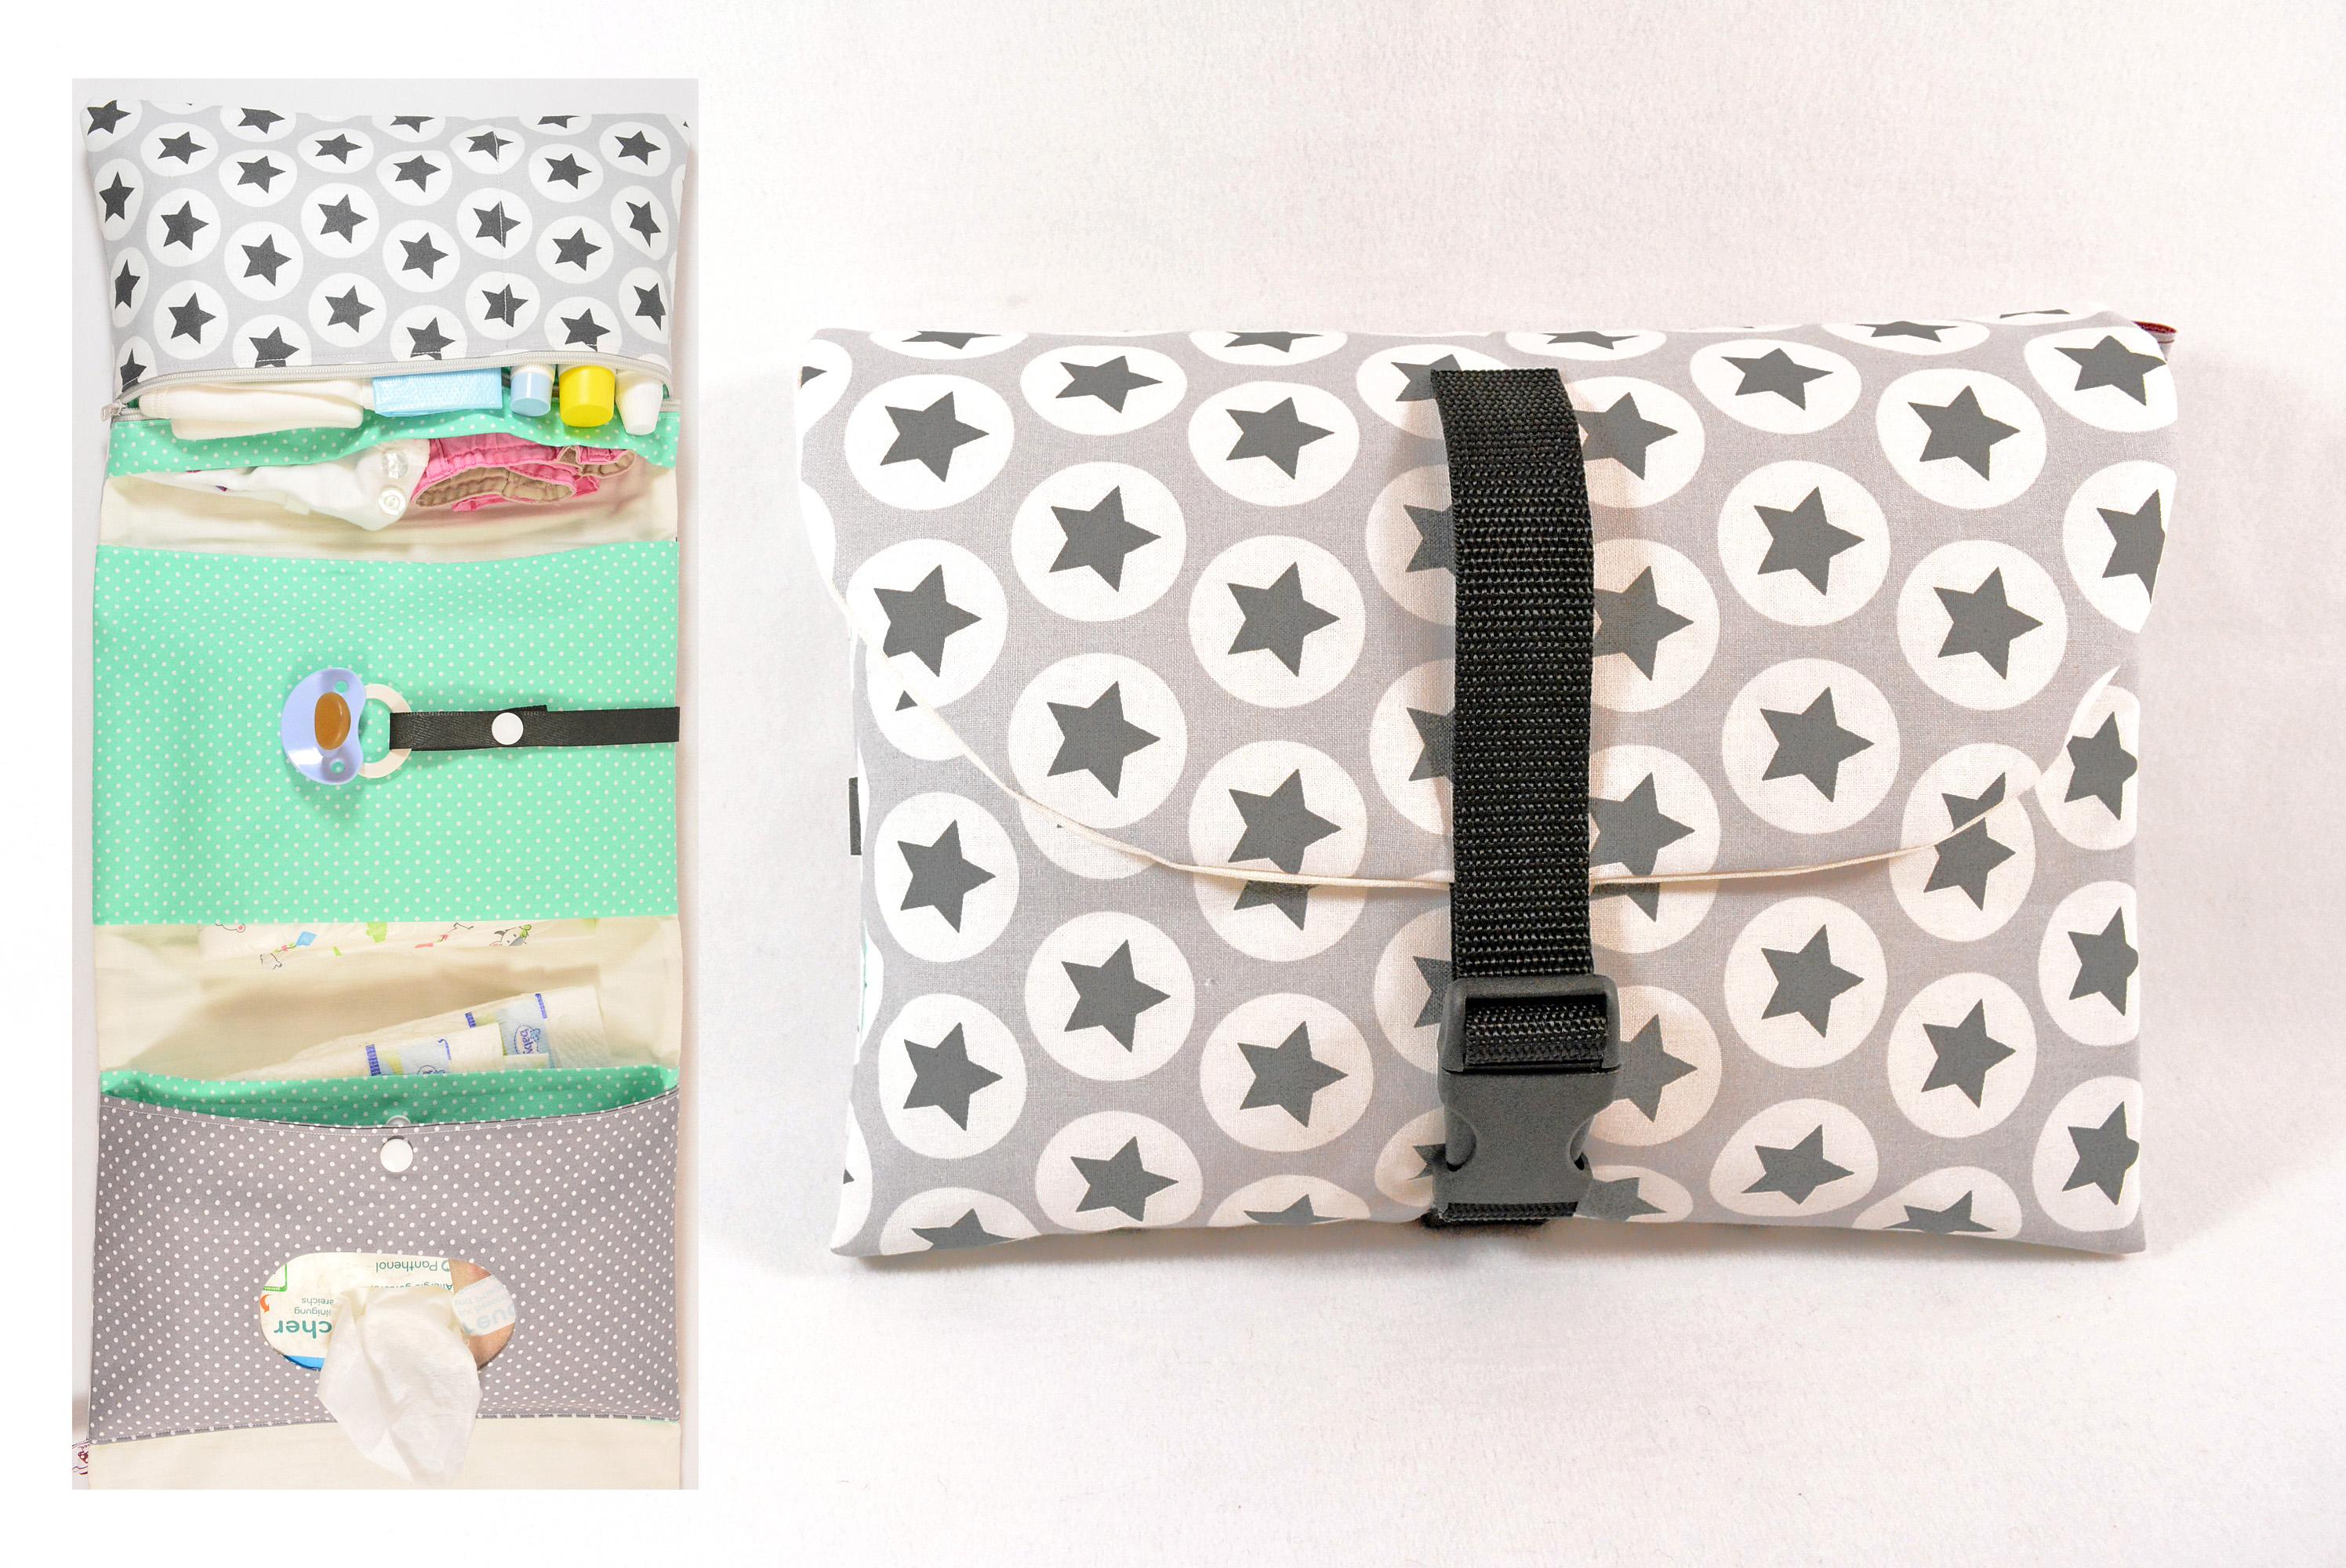 glückspilzig windeltasche wickeltasche besondere geschenke zur geburt